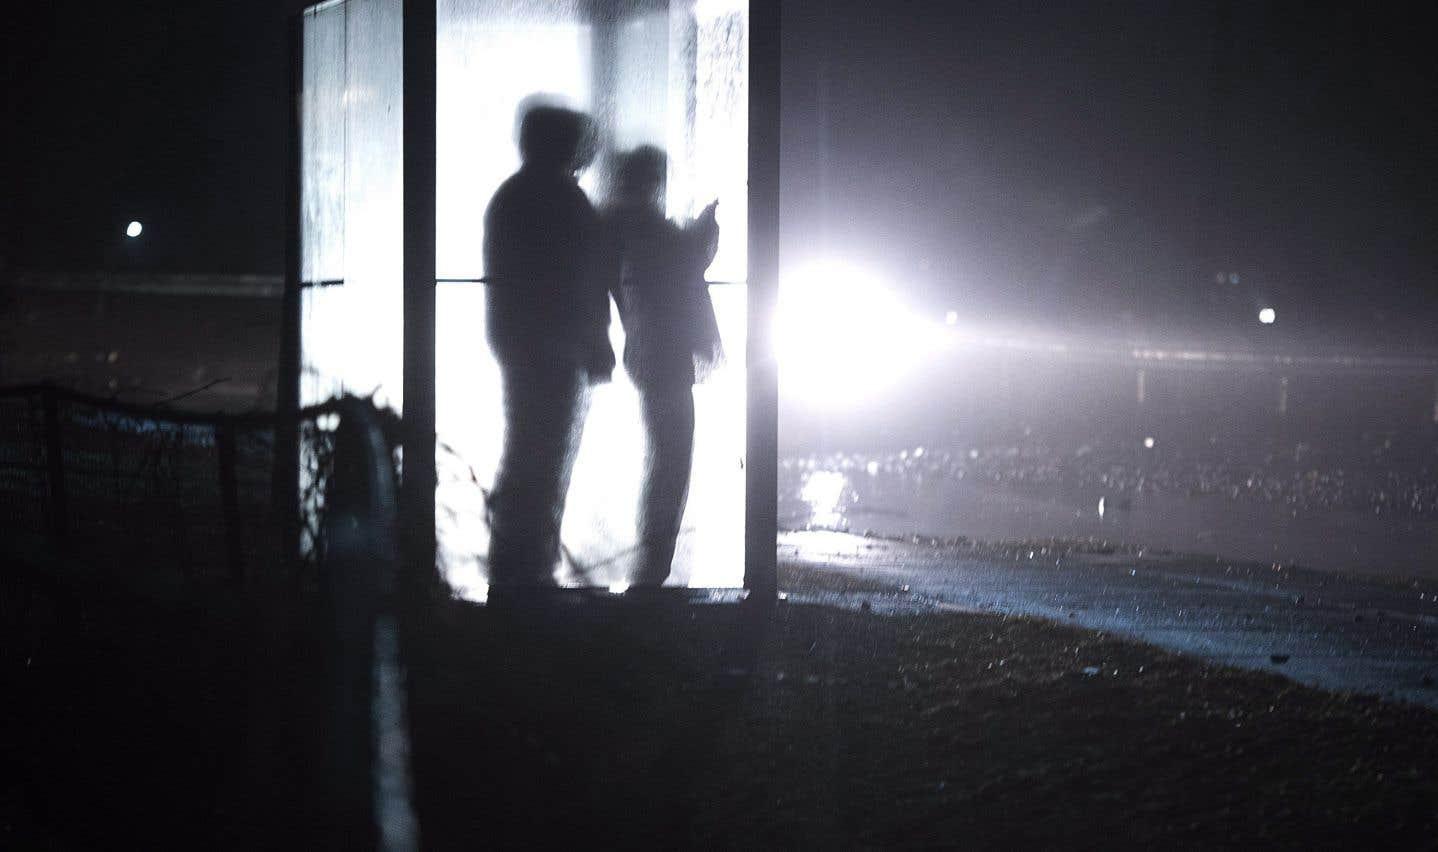 Des dizaines de milliers de personnes se sont réveillées dans le noir vendredi matin en Nouvelle-Écosse.